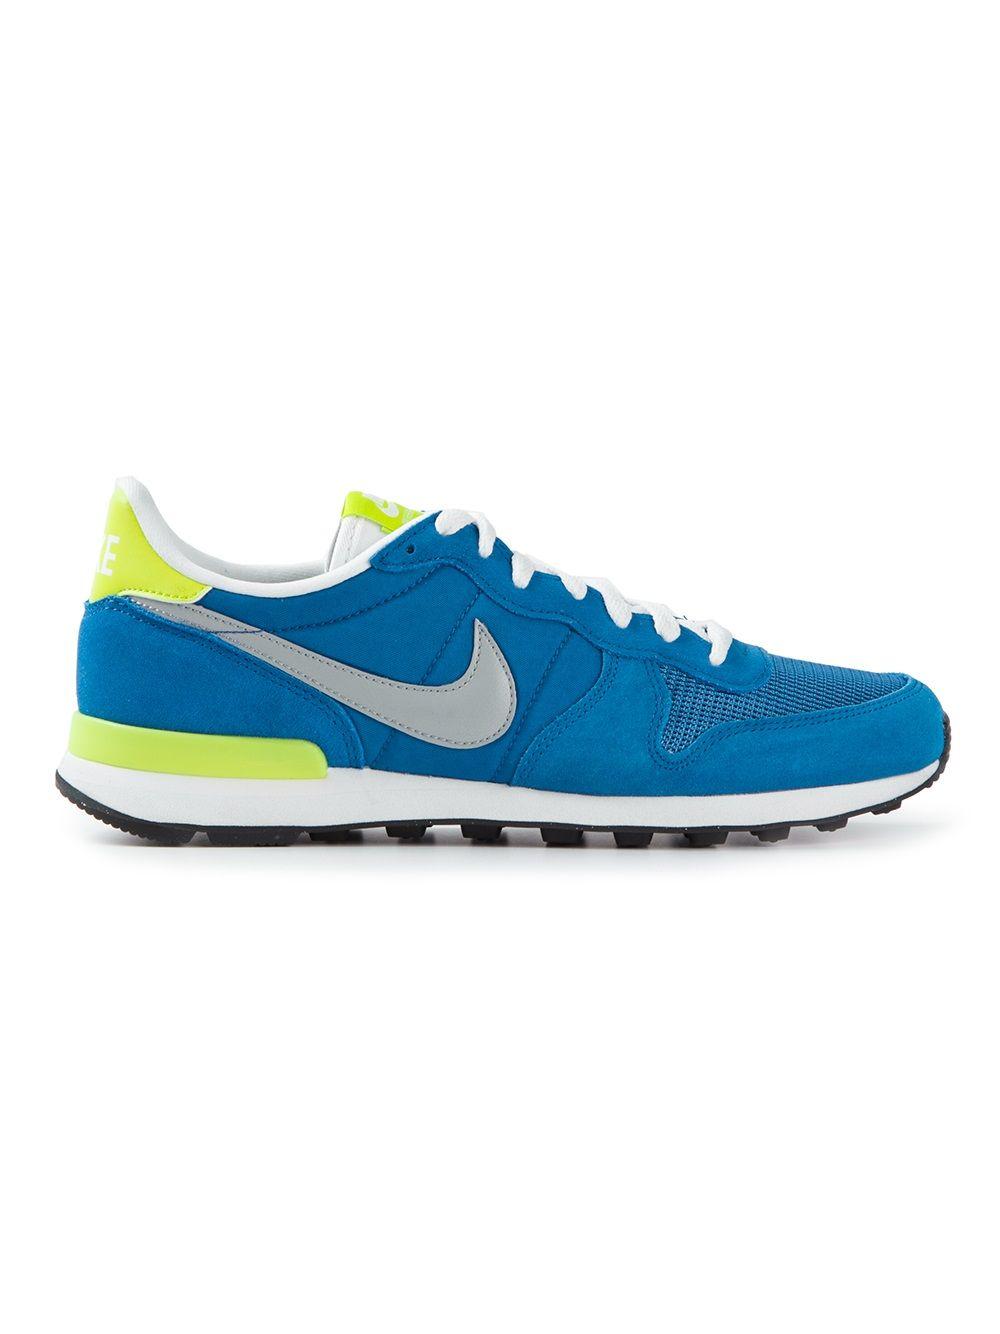 transferencia de dinero Influencia Hacer bien  Nike 'vintage' Trainer - Jofré - Farfetch.com | Nike de época, Zapatillas  bajitas, Zapatillas nike